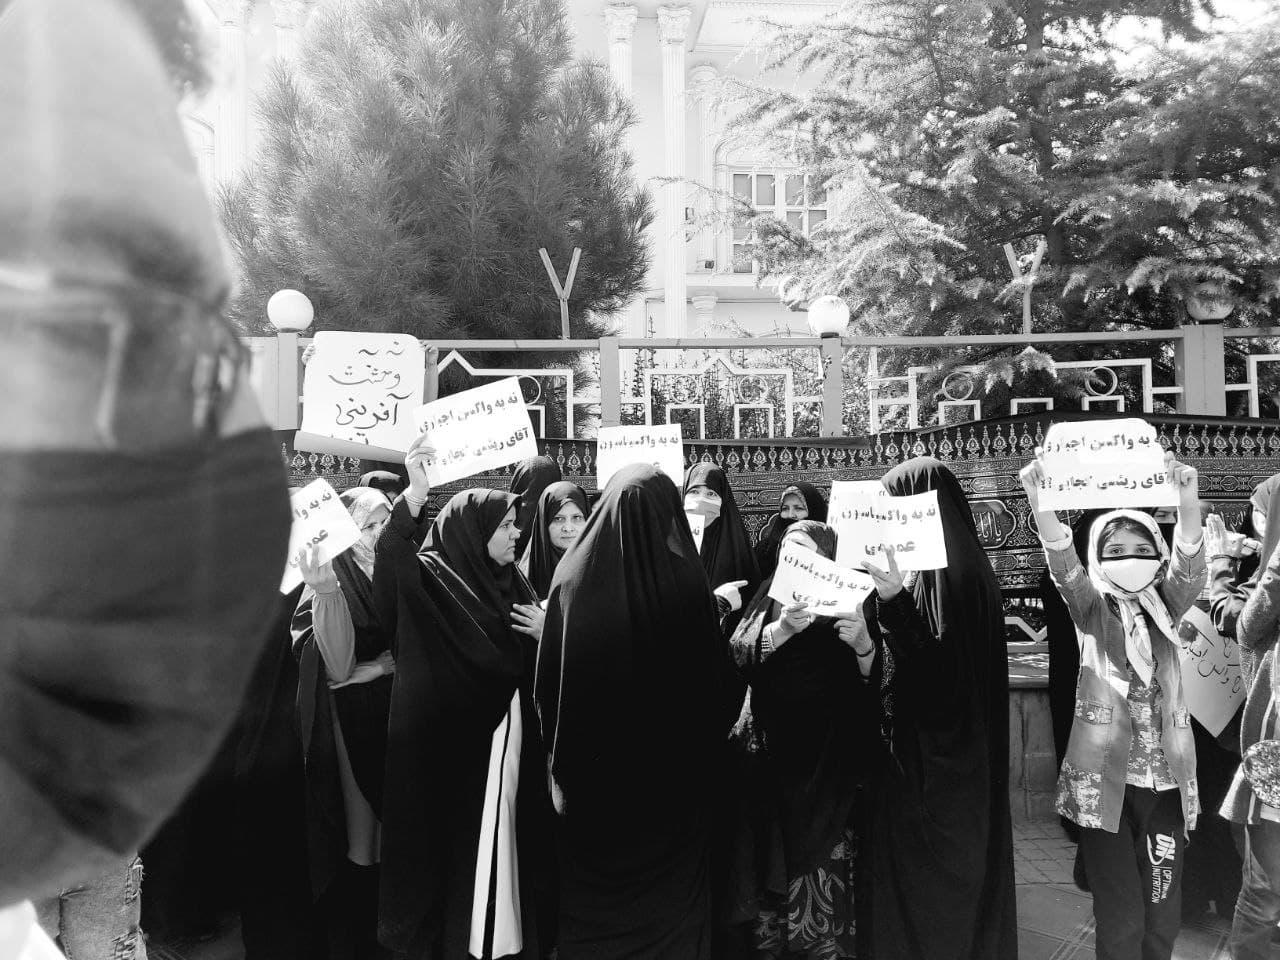 عدهای در مخالف با واکسیناسیون عمومی در نیشابور تجمع کردند